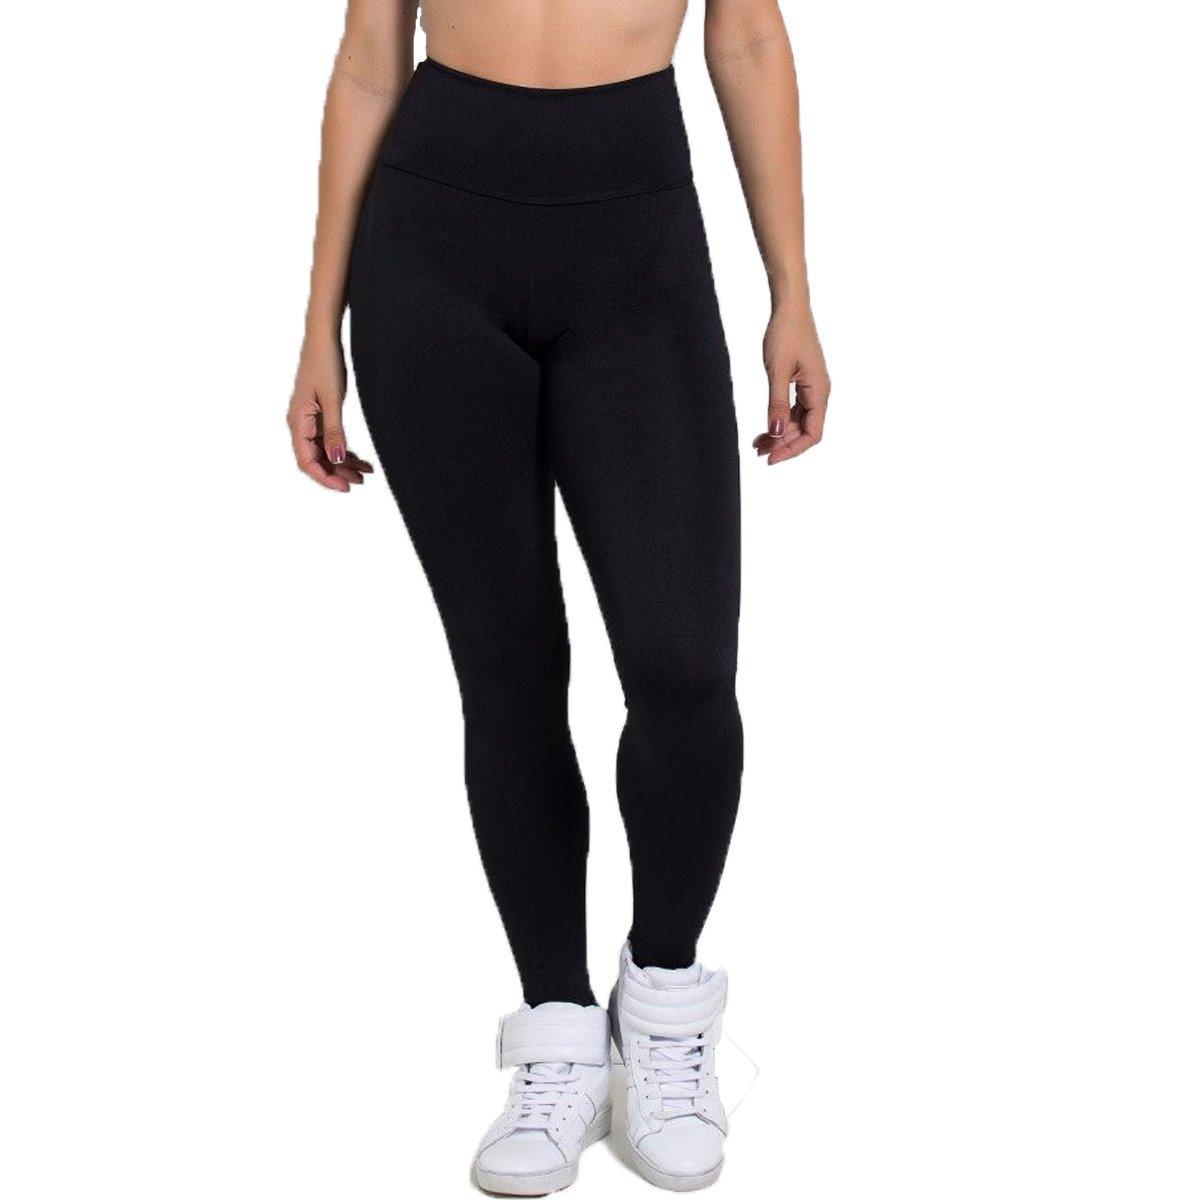 b06b55490 calça legging suplex feminina moda fitness pronta entrega. Carregando zoom.